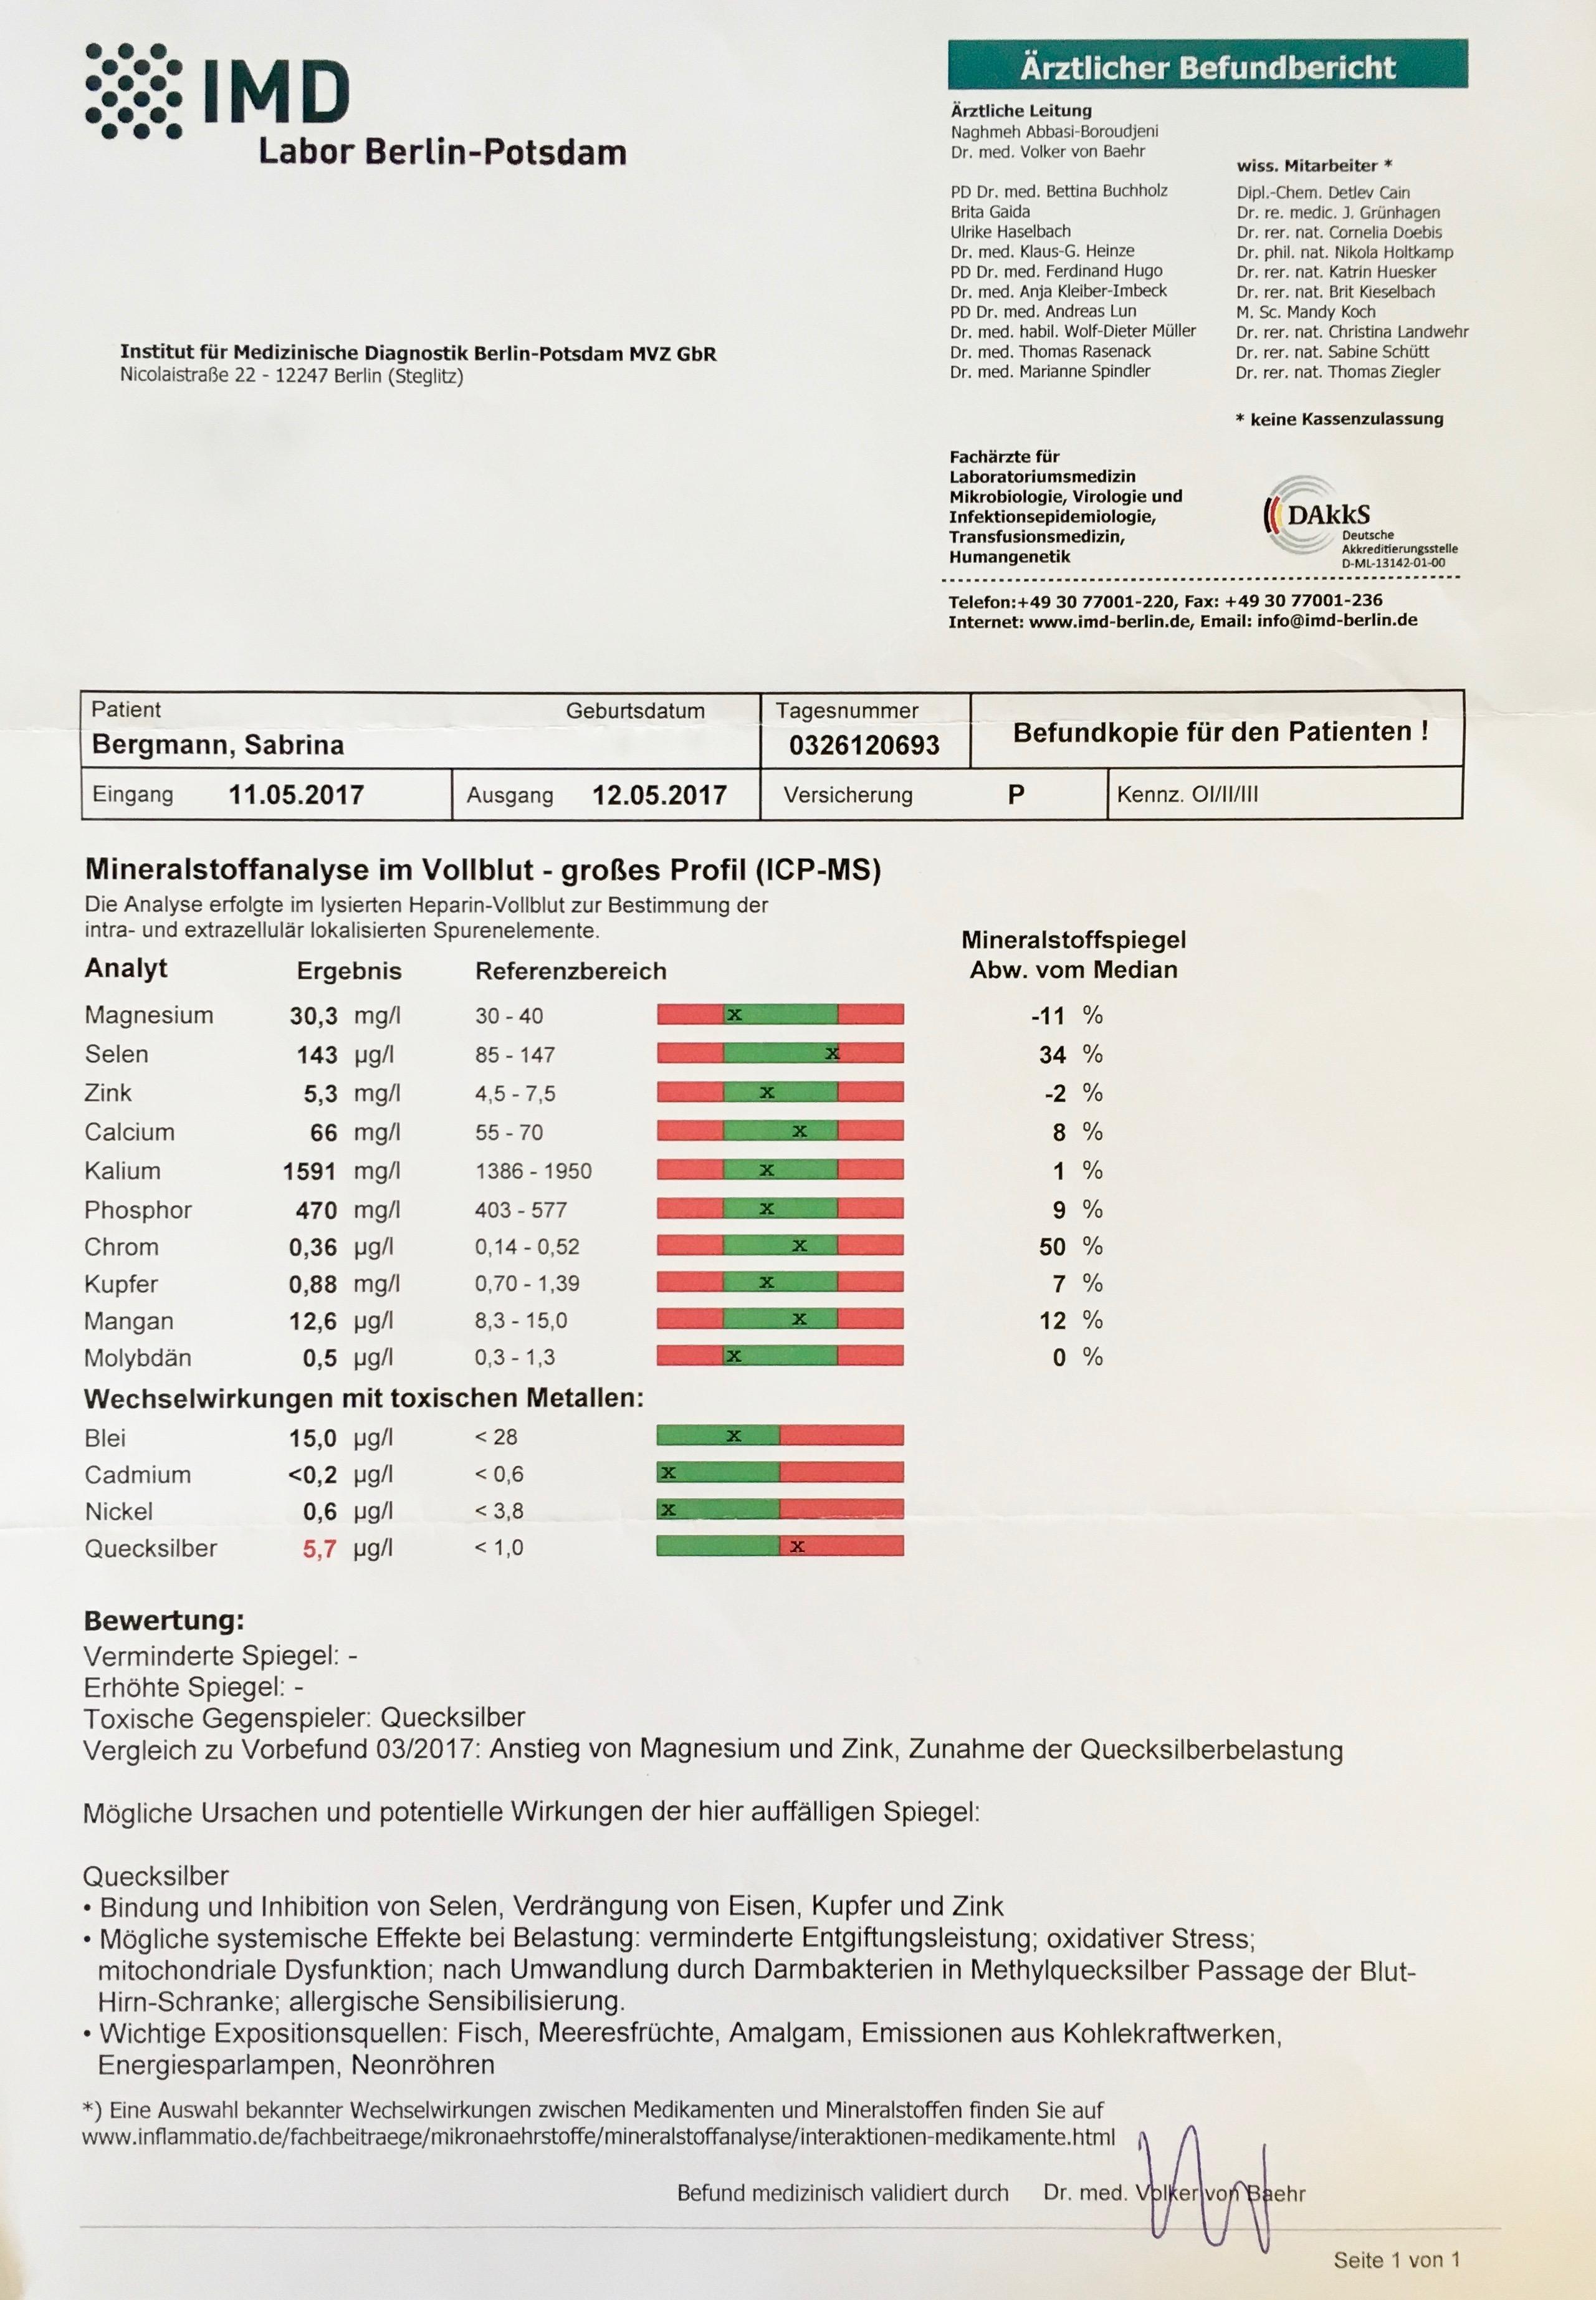 Mineralstoffprofil wenige Wochen nach Start des Autoimmunprotokoll (AIP)